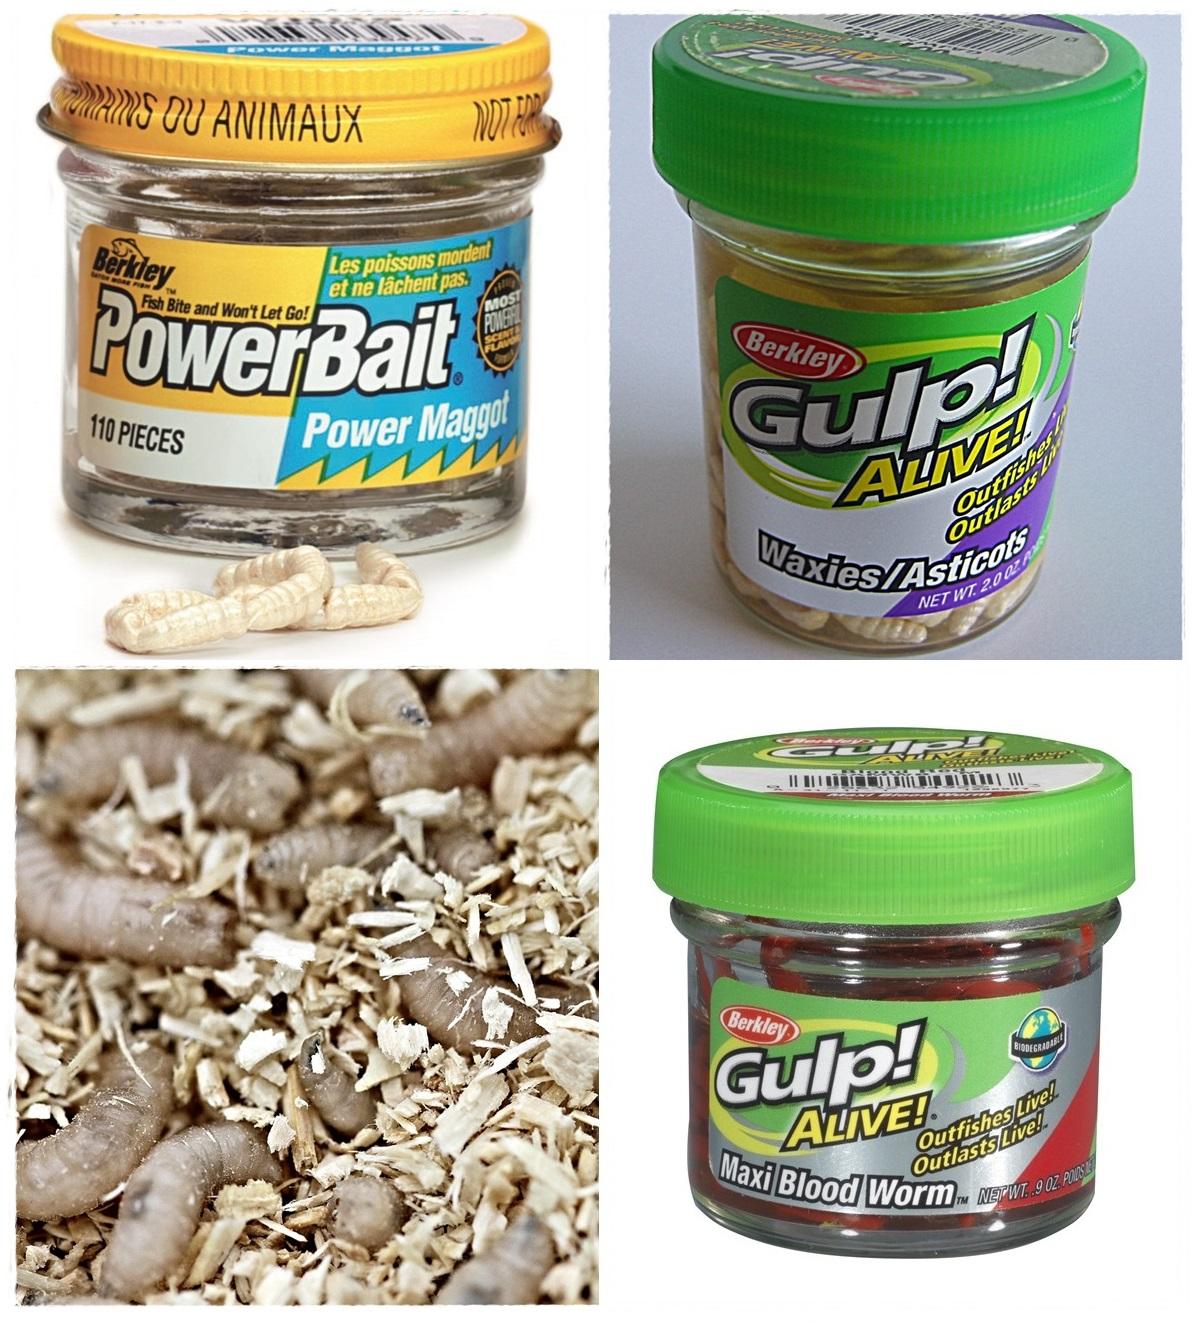 Gulp og Powerbait er kunstig agn med ekstra mye lukt fungerer godt enten alene eller sammen med maggot